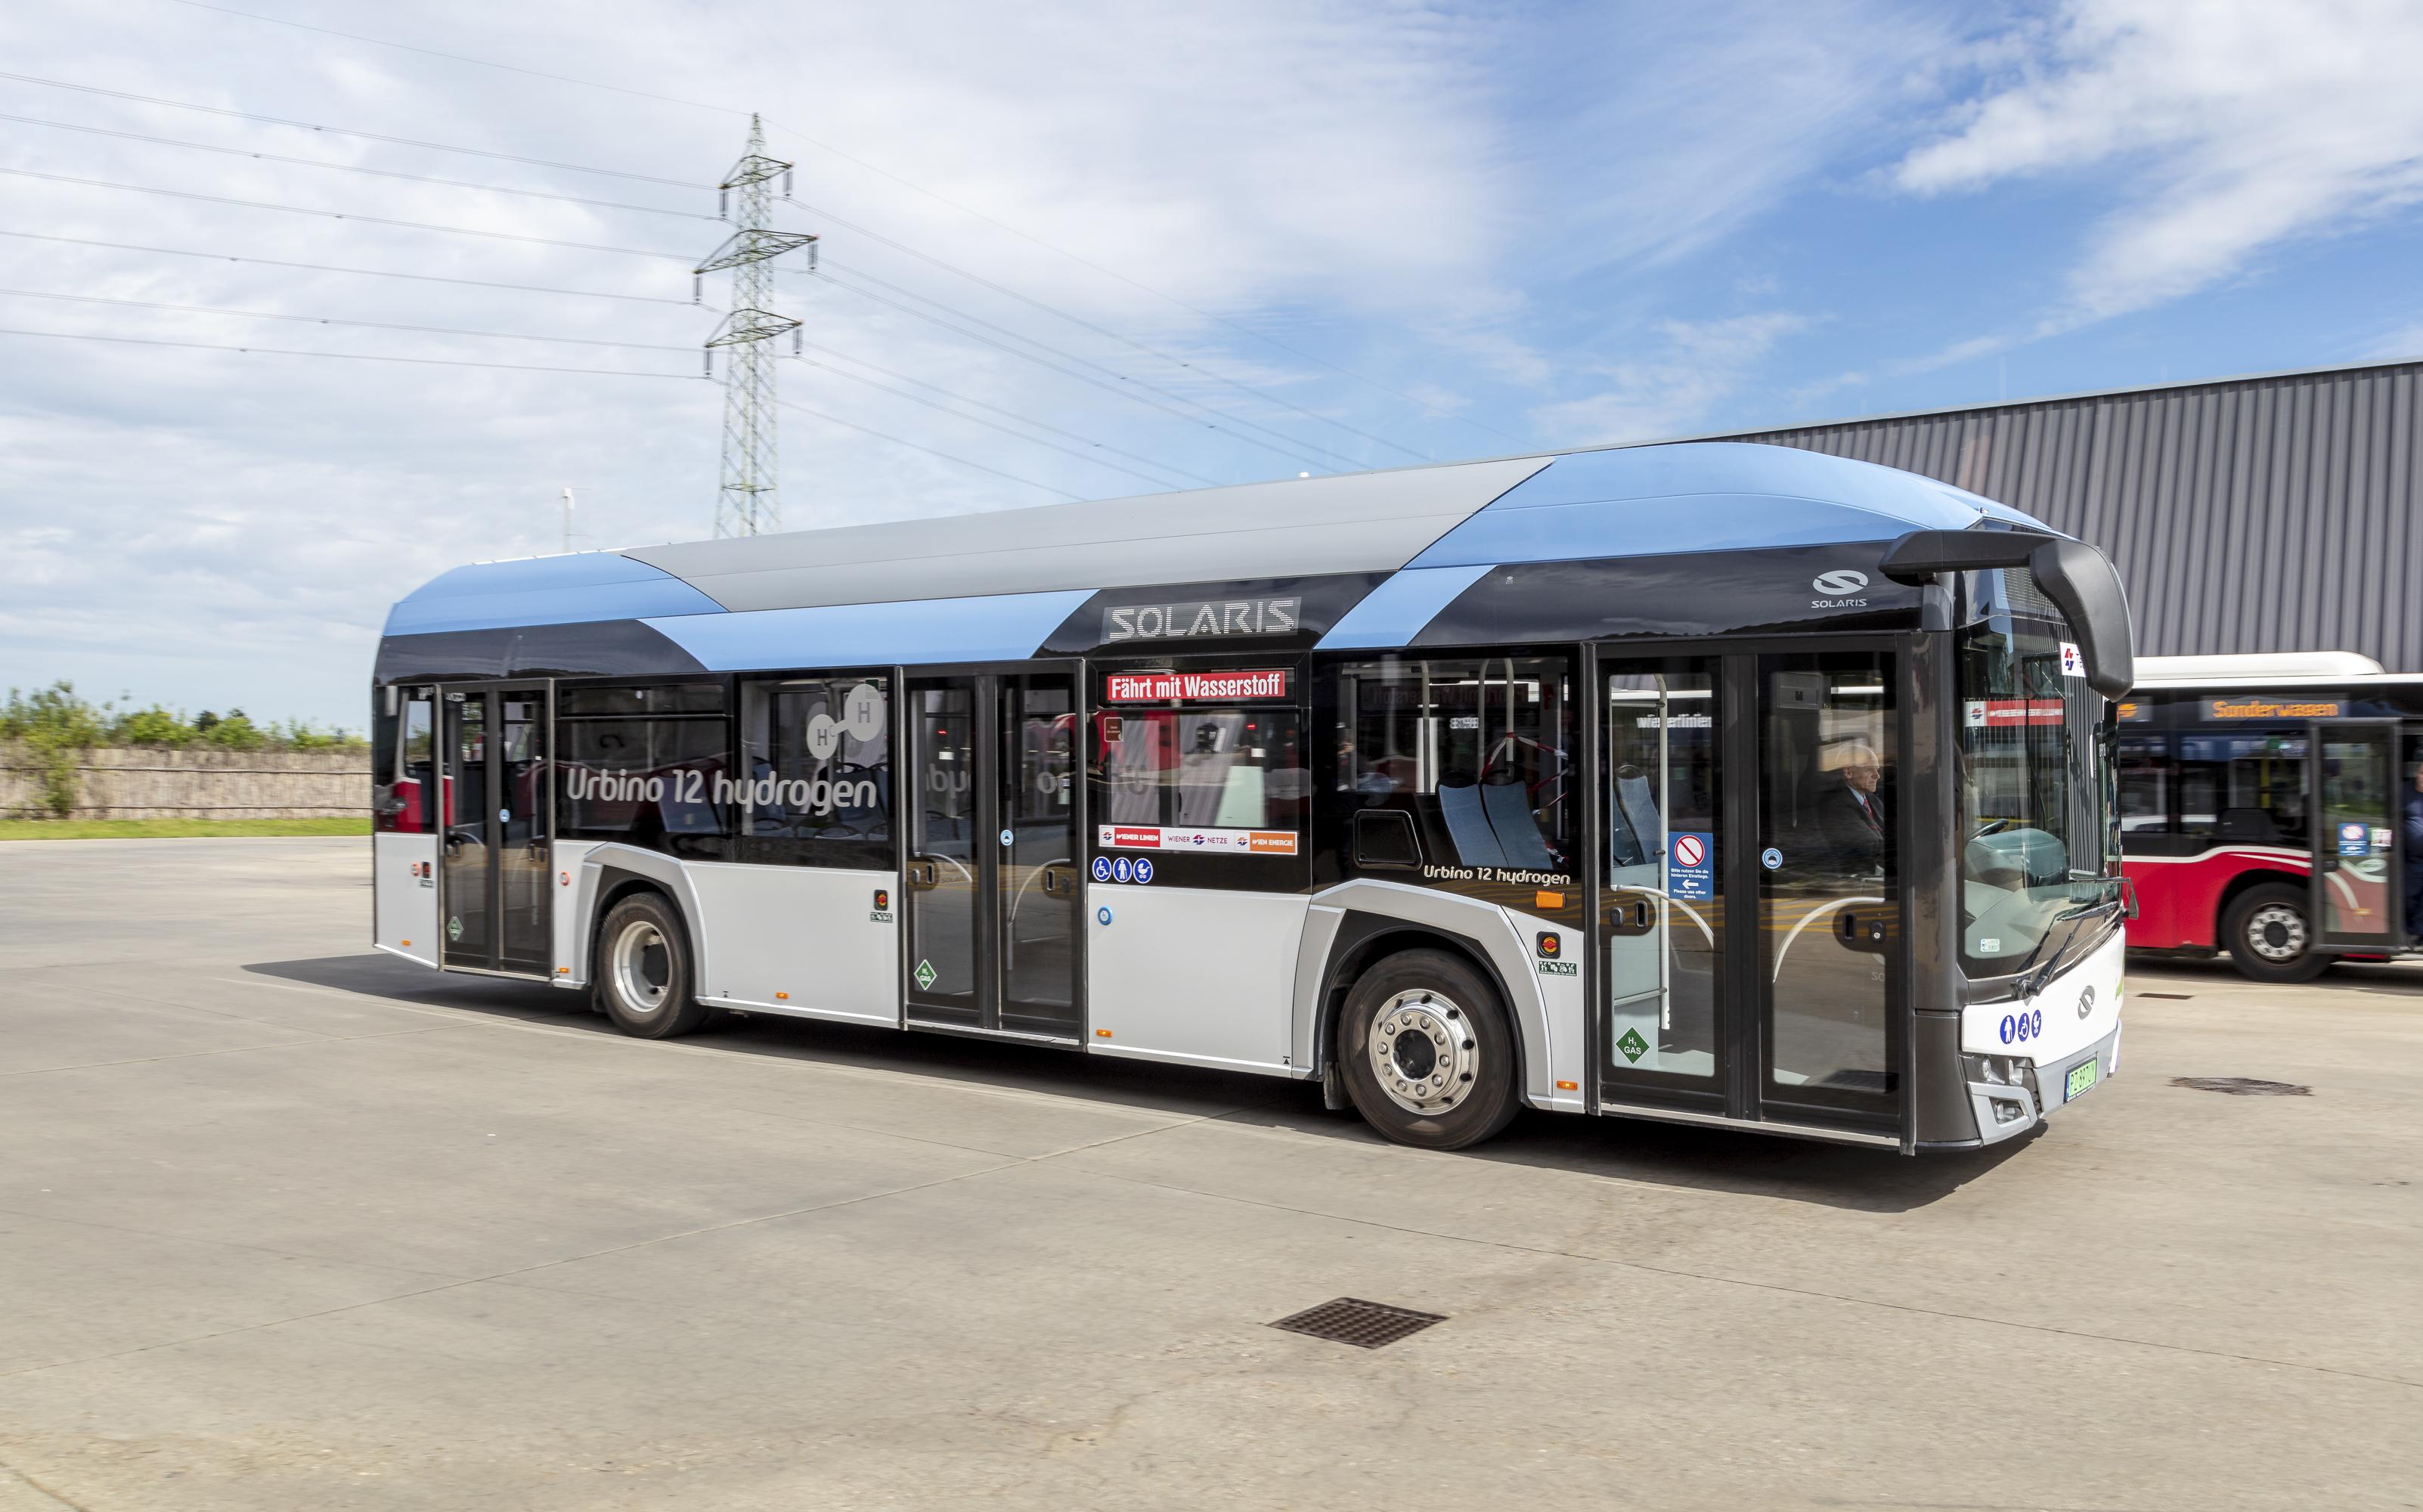 Zehn solcher Wasserstoffbusse sollen in drei Jahren Teil der Wiener Linien Bus-Flotte sein. Foto: © Manfred Helmer/Wiener Linien